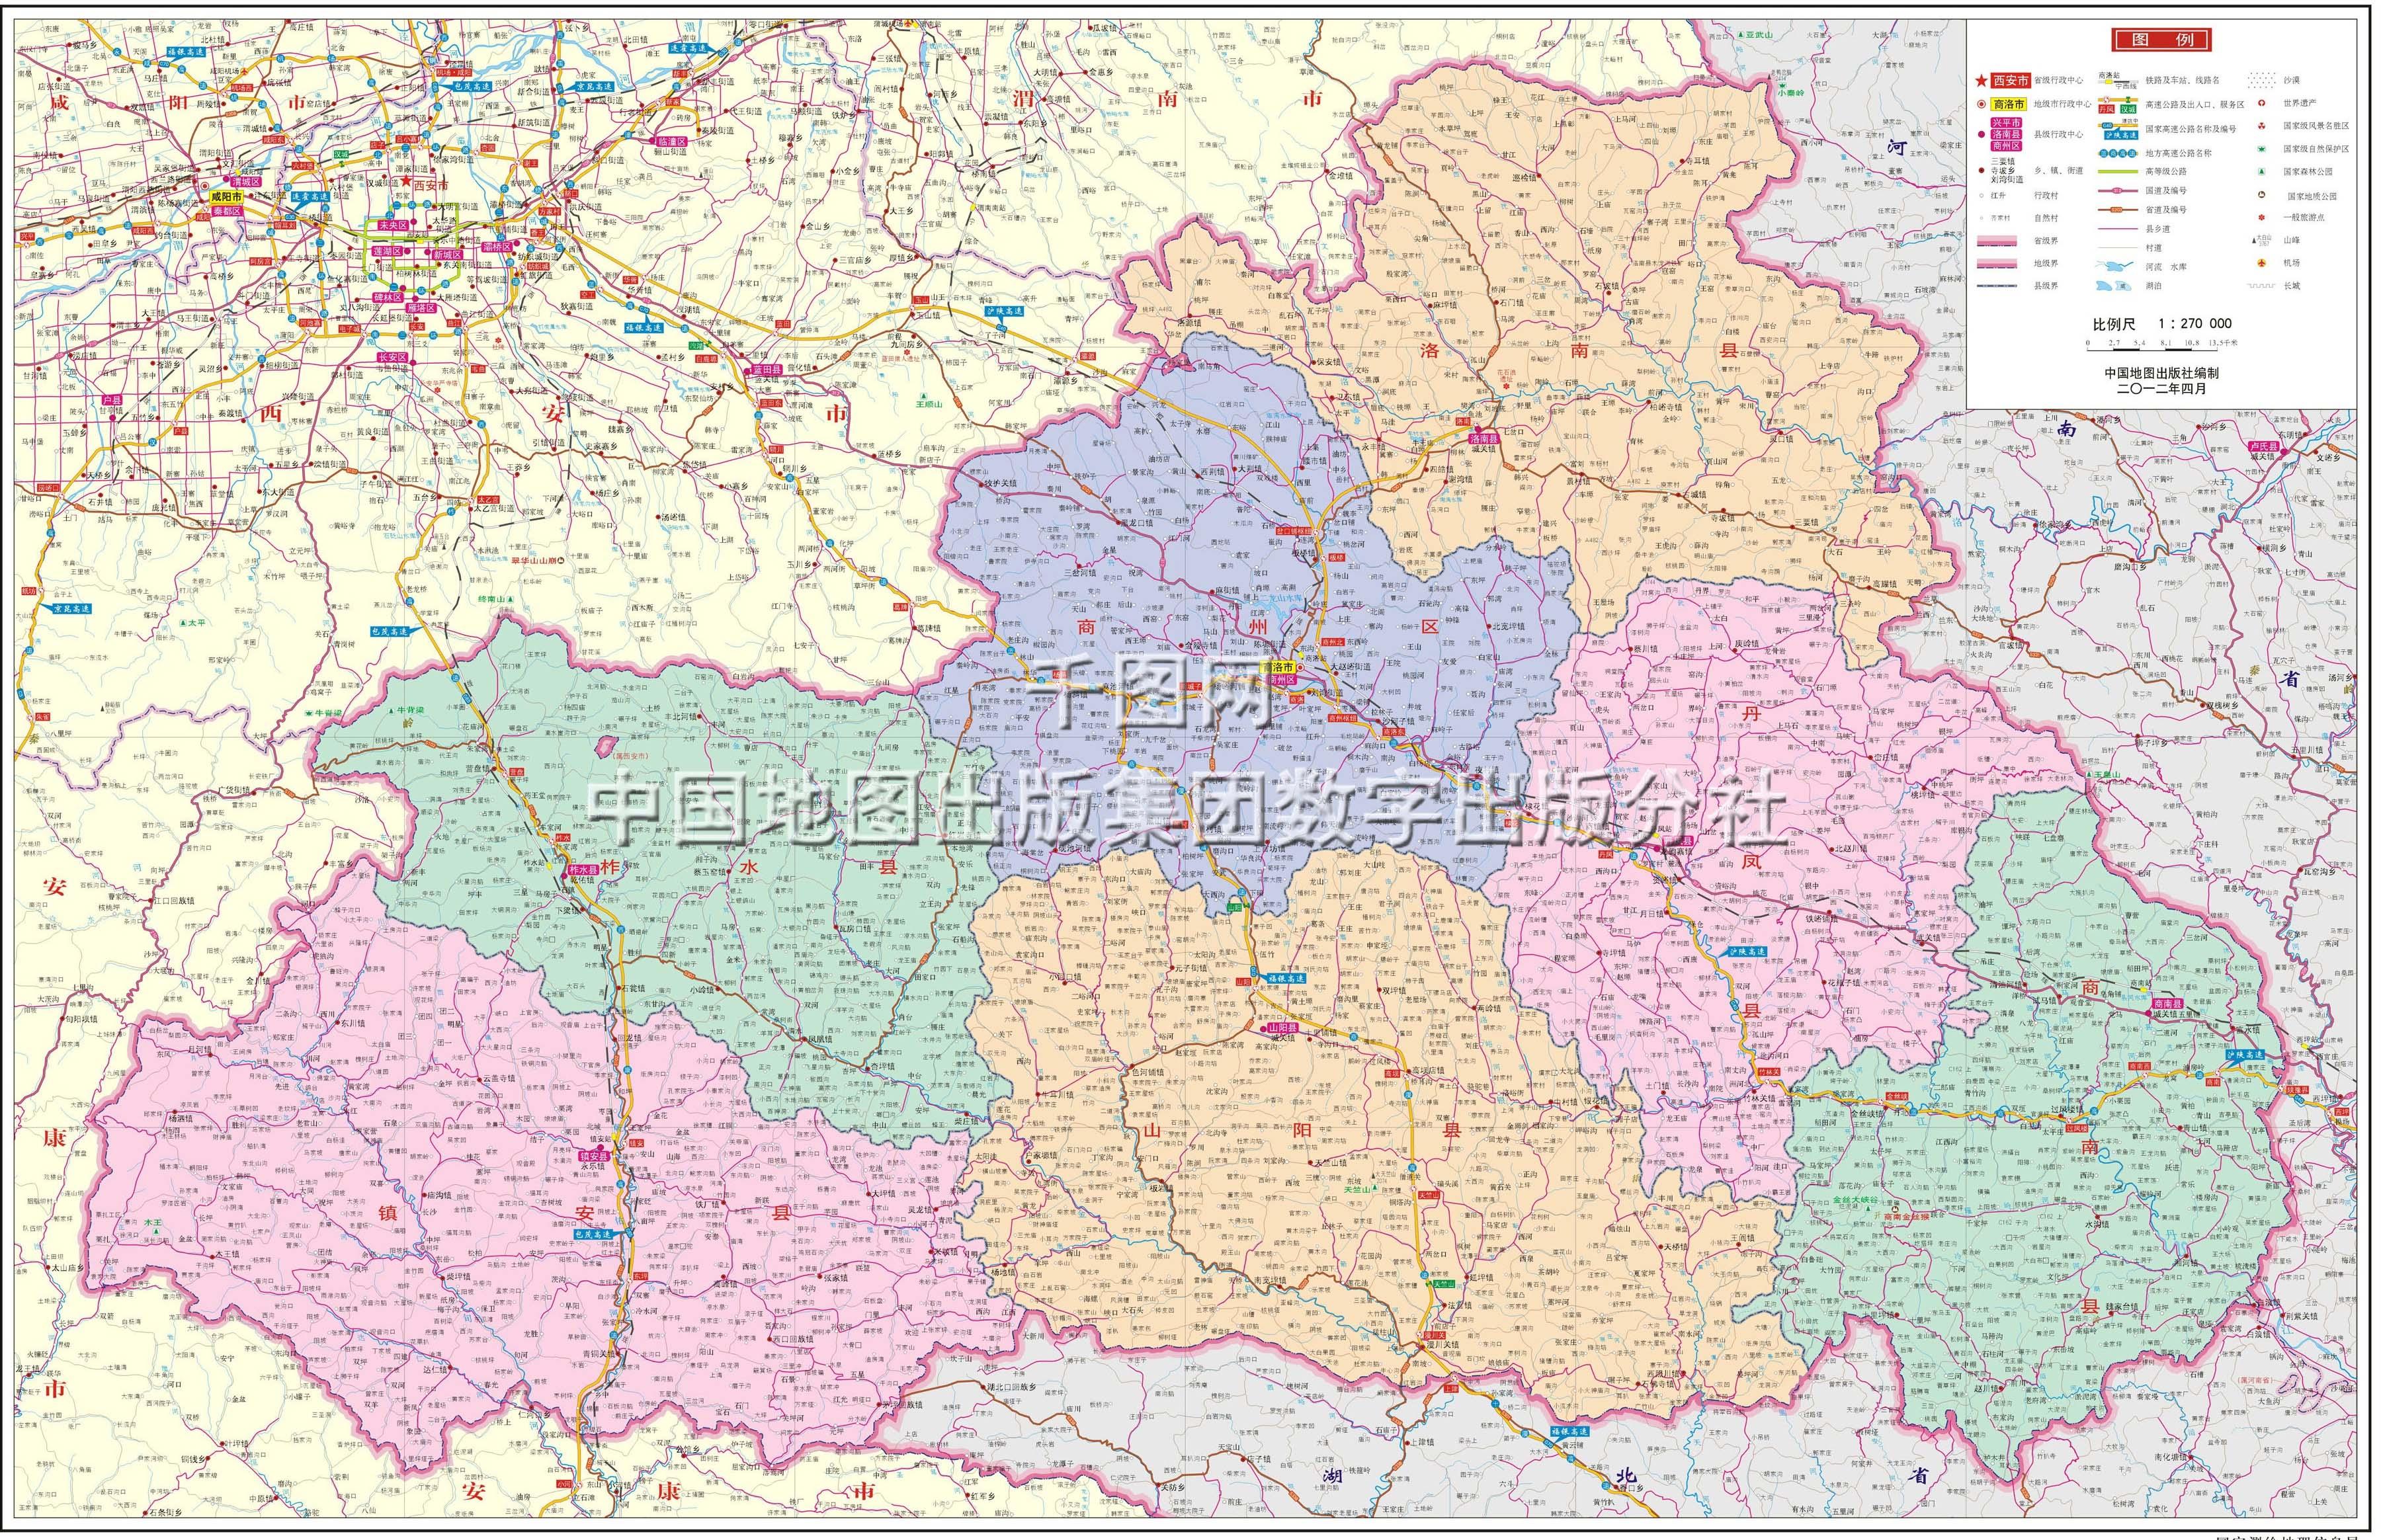 商洛市商州区_商洛市地图高清版_商洛地图库